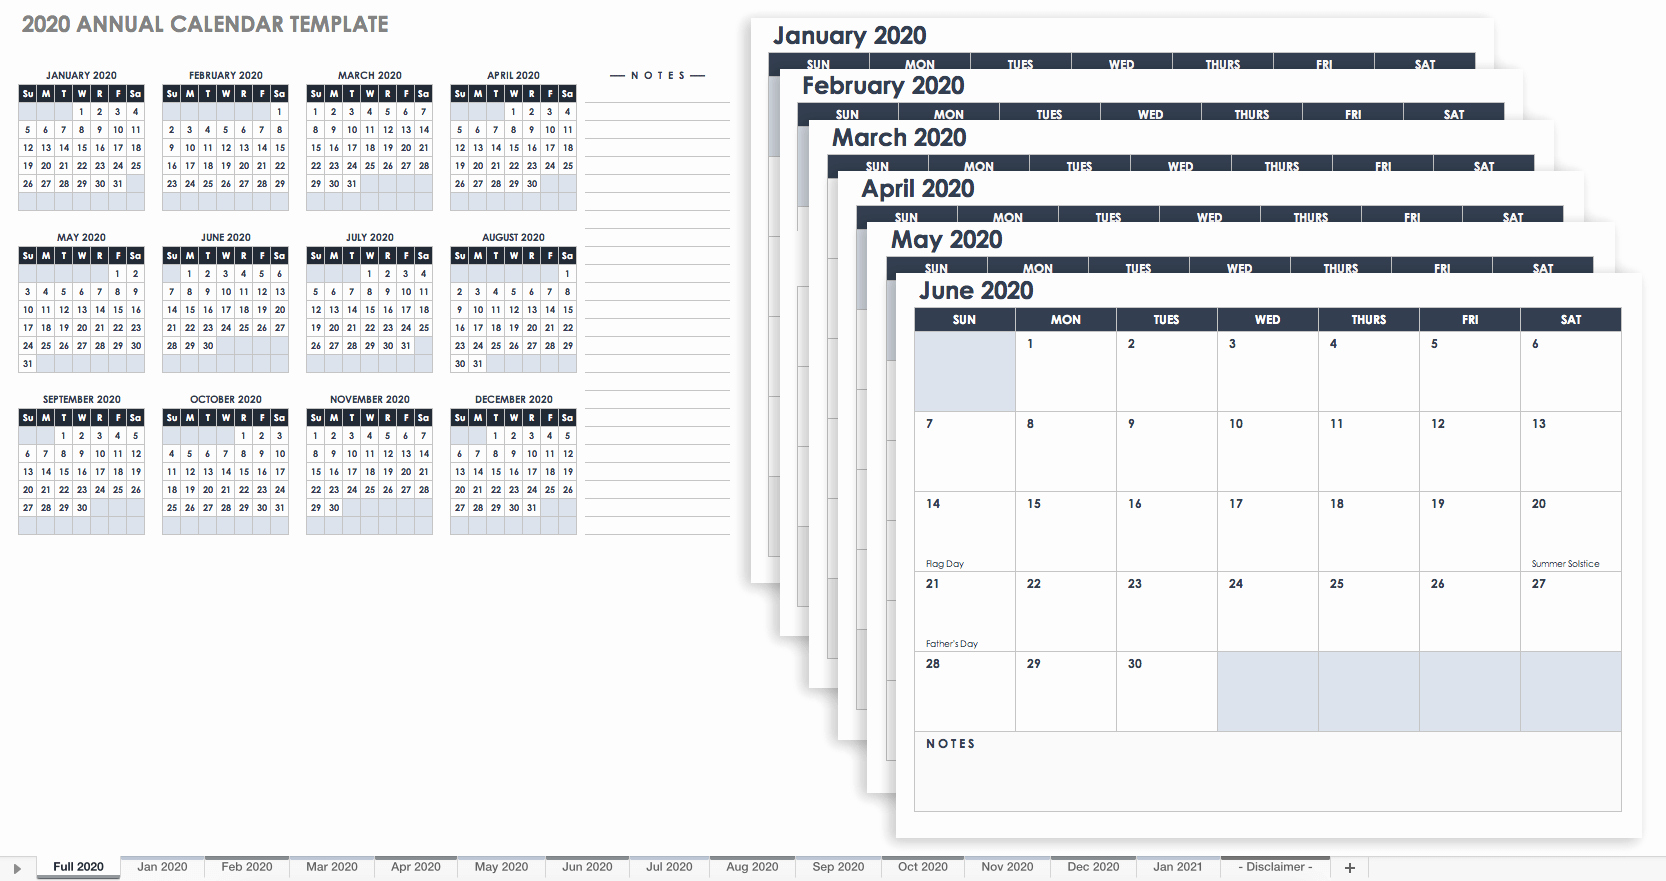 2019 Biweekly Payroll Calendar Template Excel Unique Free Excel Calendar Templates